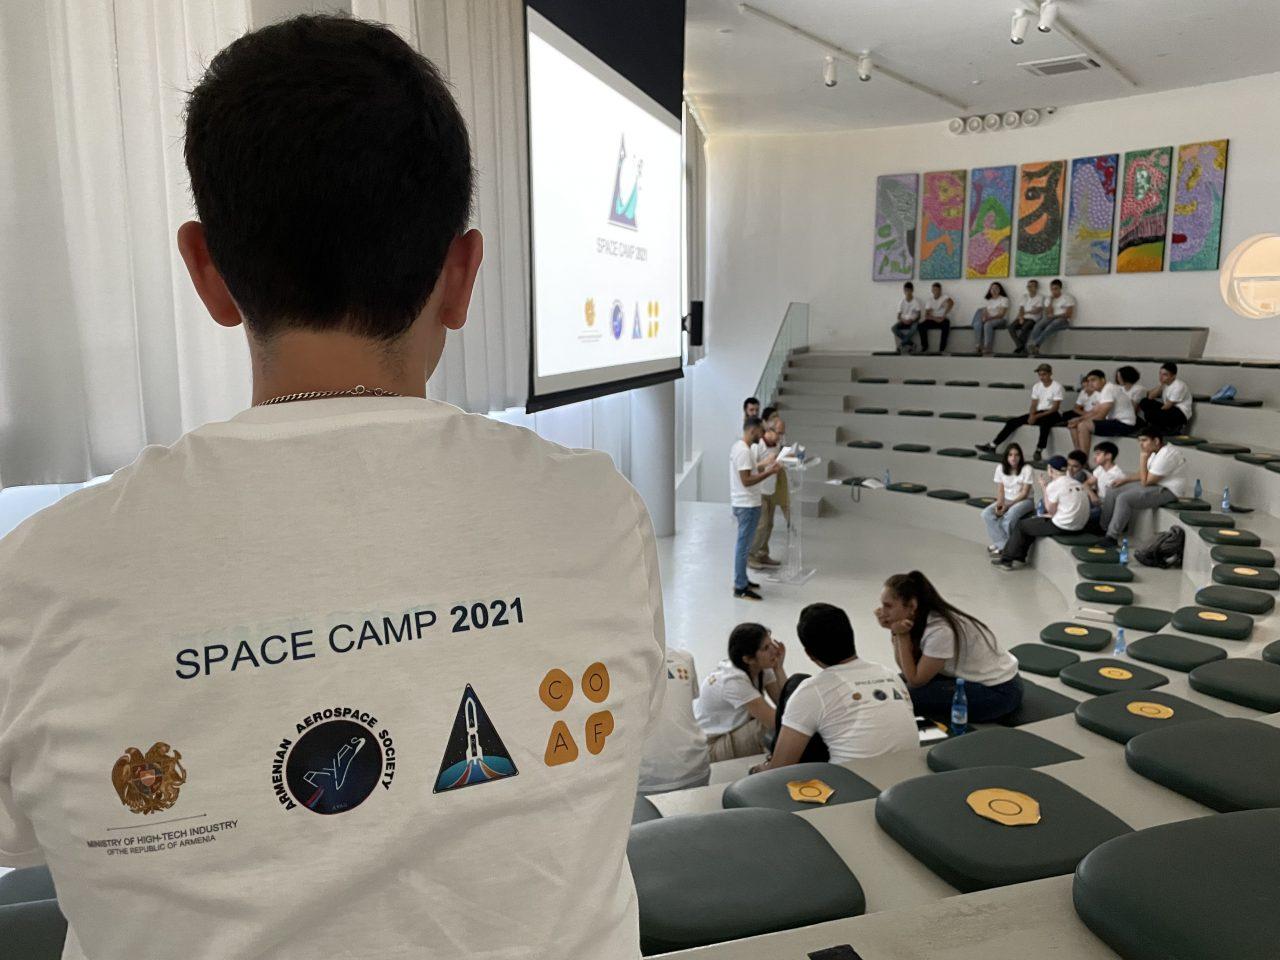 Մեկնարկել է SpaceCamp-2021 (ՍփեյսՔեմփ-2021) ամառային ճամբարը